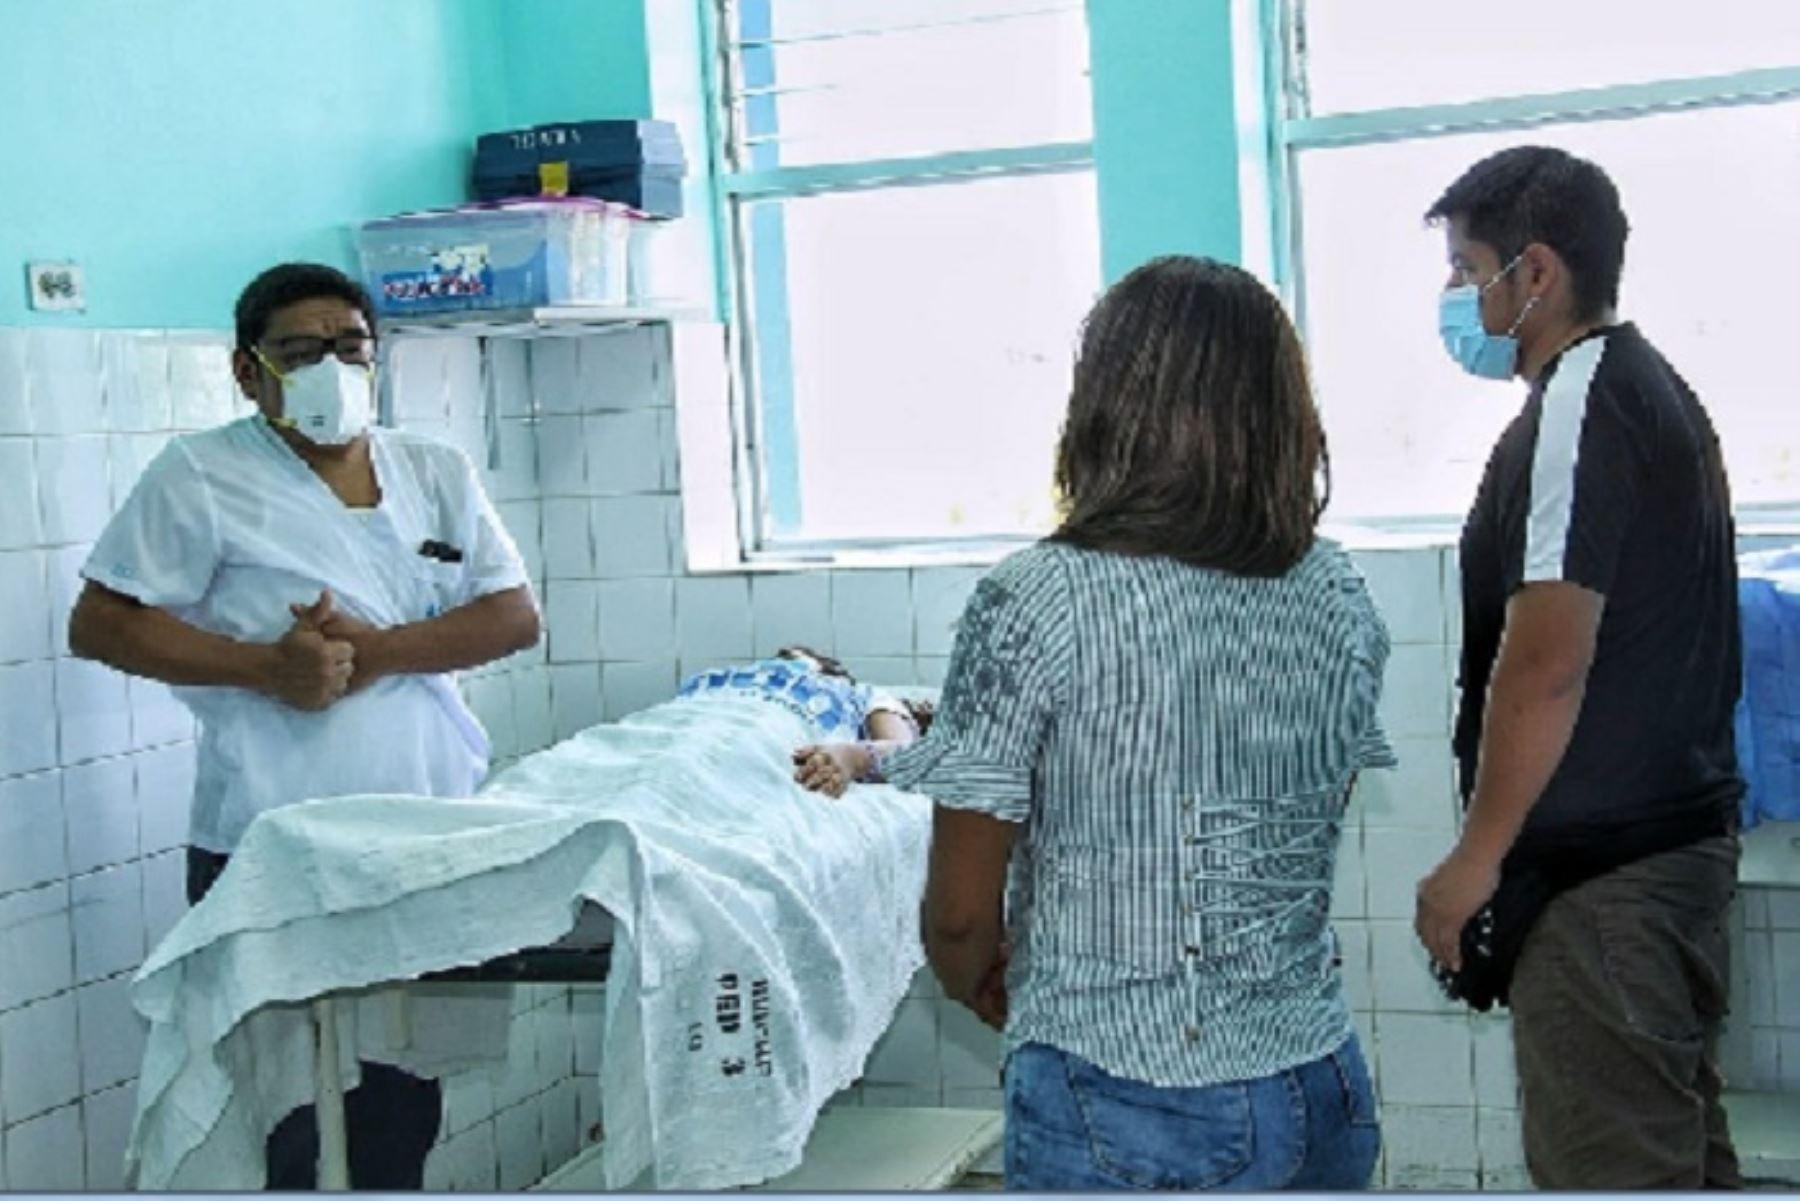 en-hospital-de-essalud-de-piura-salvan-vida-de-nina-al-extirparle-quistes-hepaticos